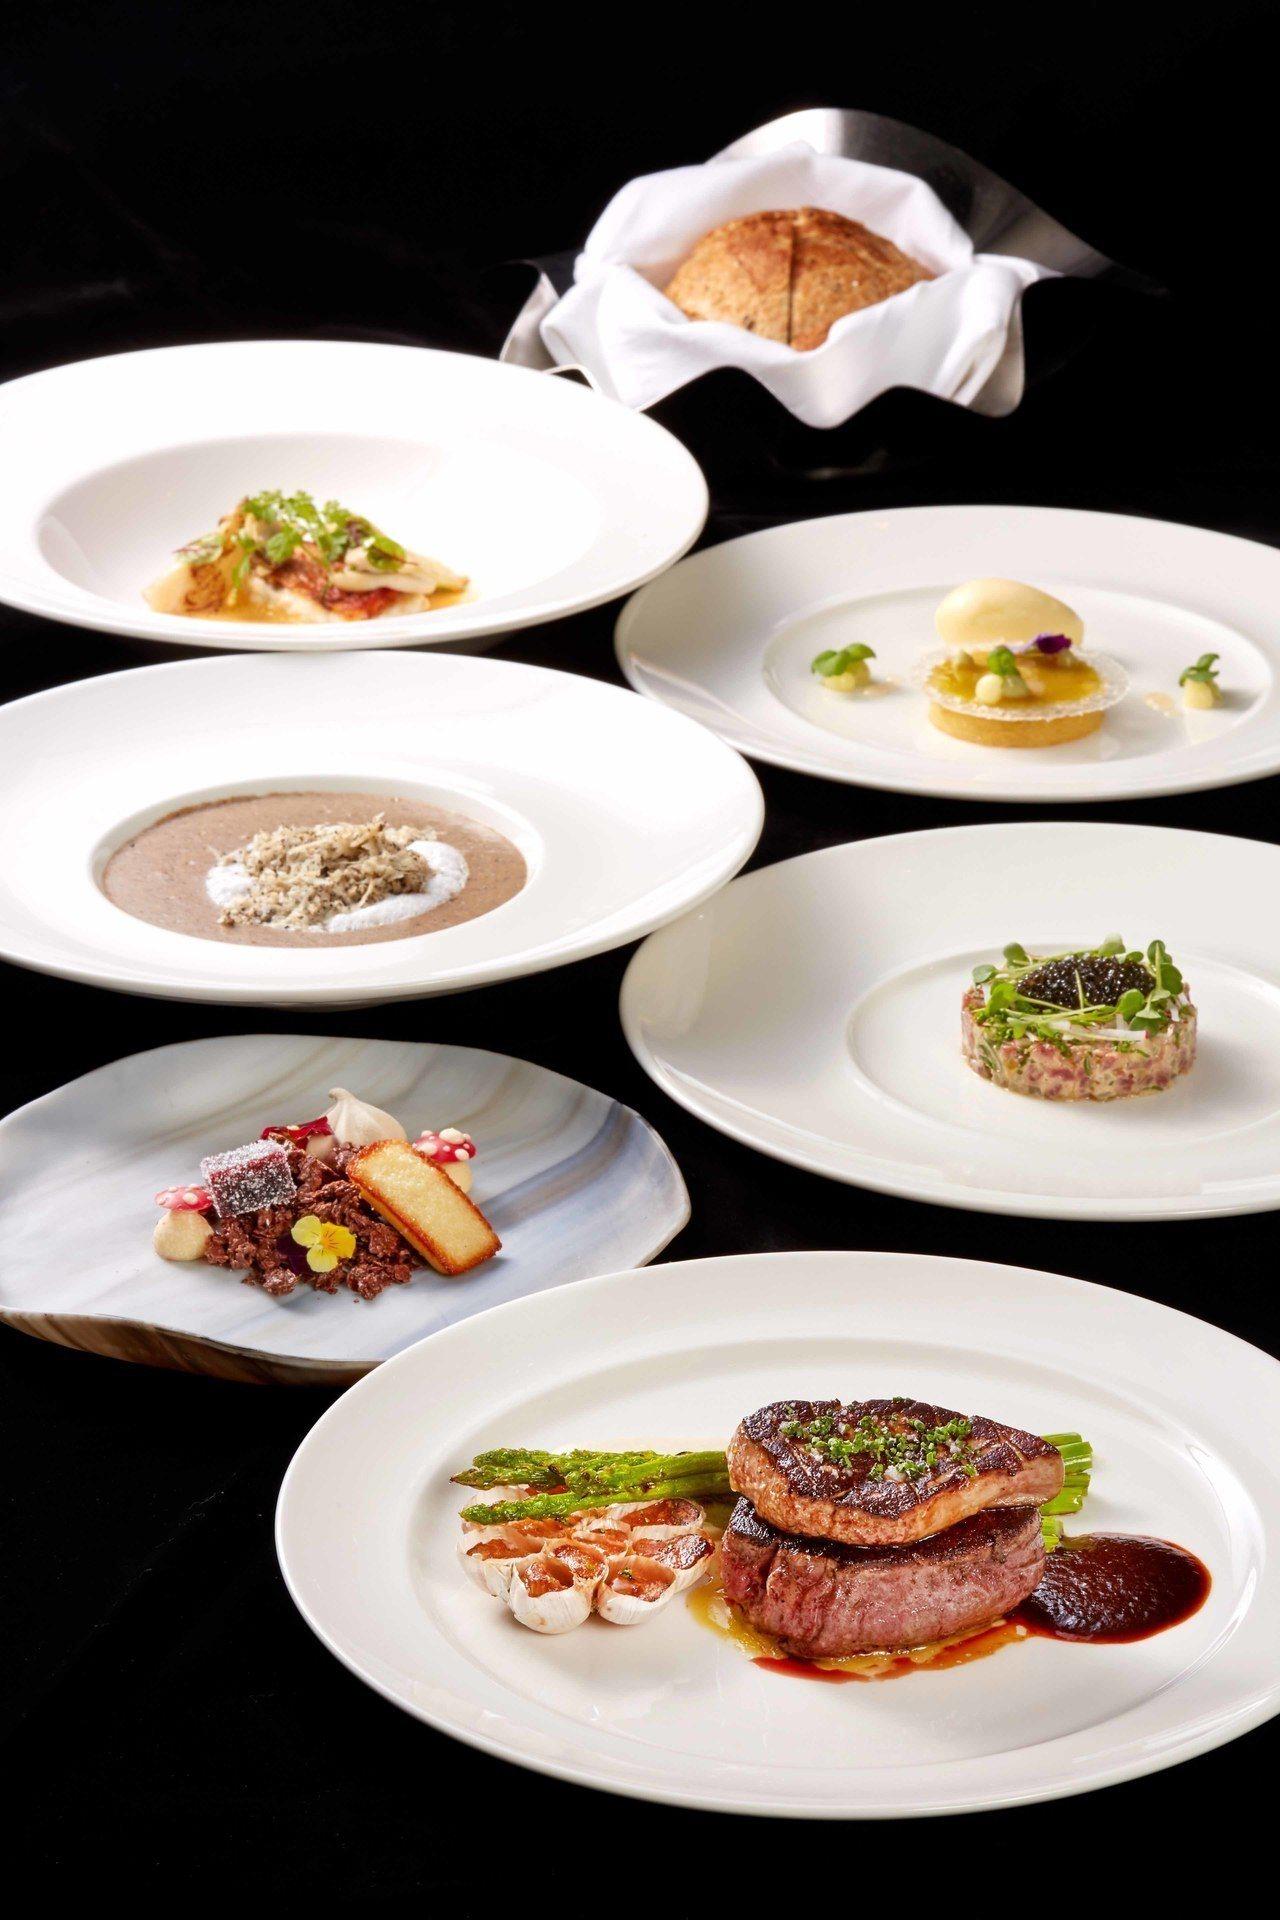 此次推出的套餐每套5,000元。圖/國賓飯店提供